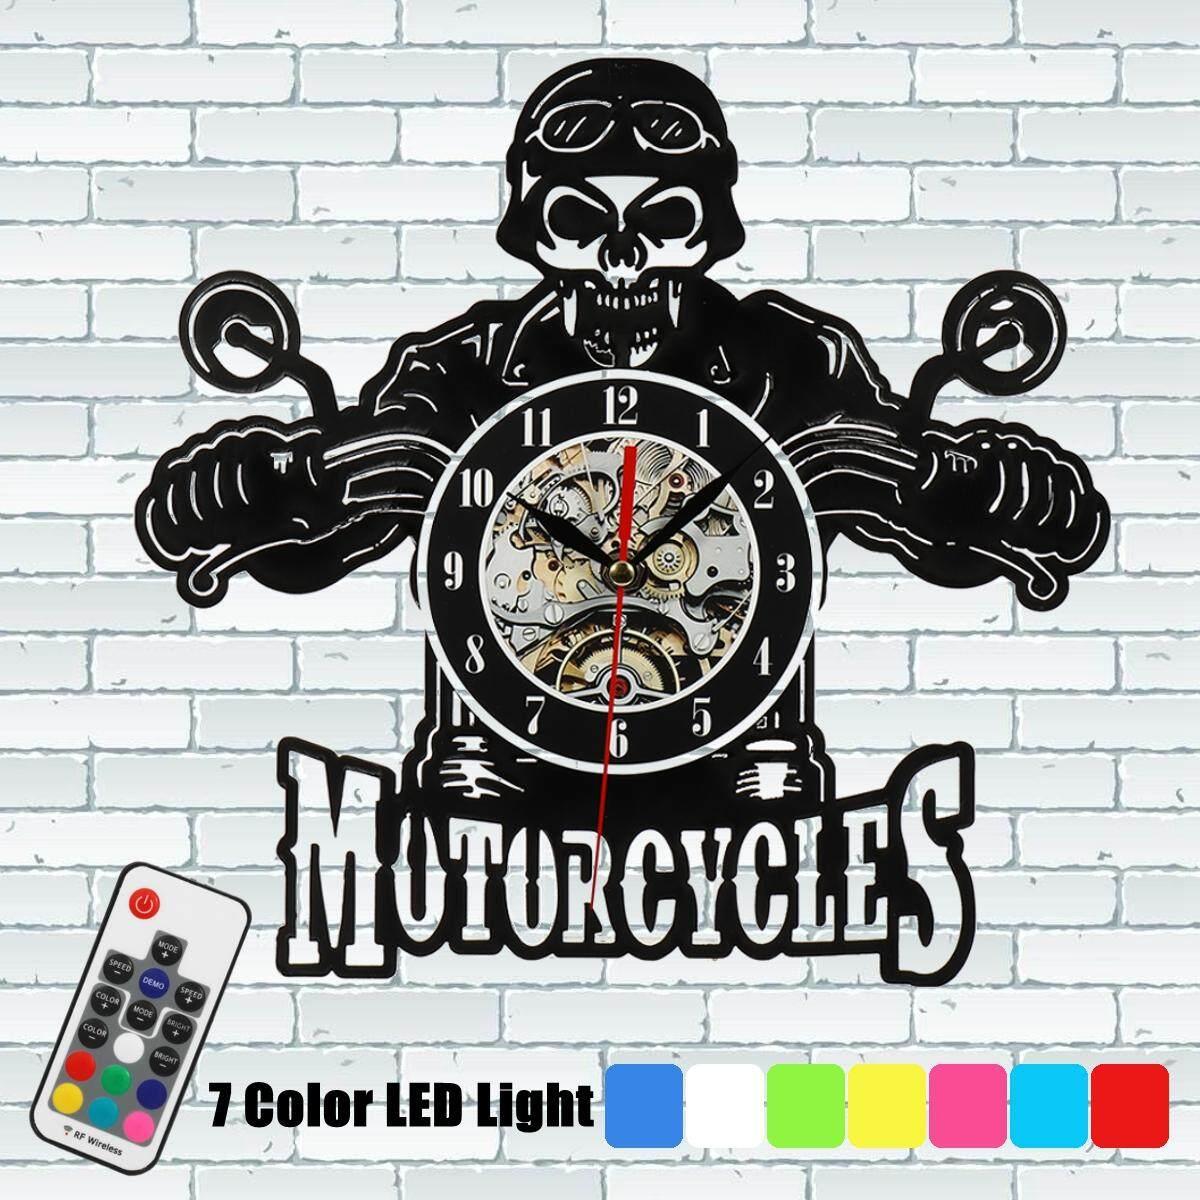 Motor Harley Klasik Raja Tengkorak Vinil Jam Dinding dengan LED Ringan Malam Ringan-Internasional